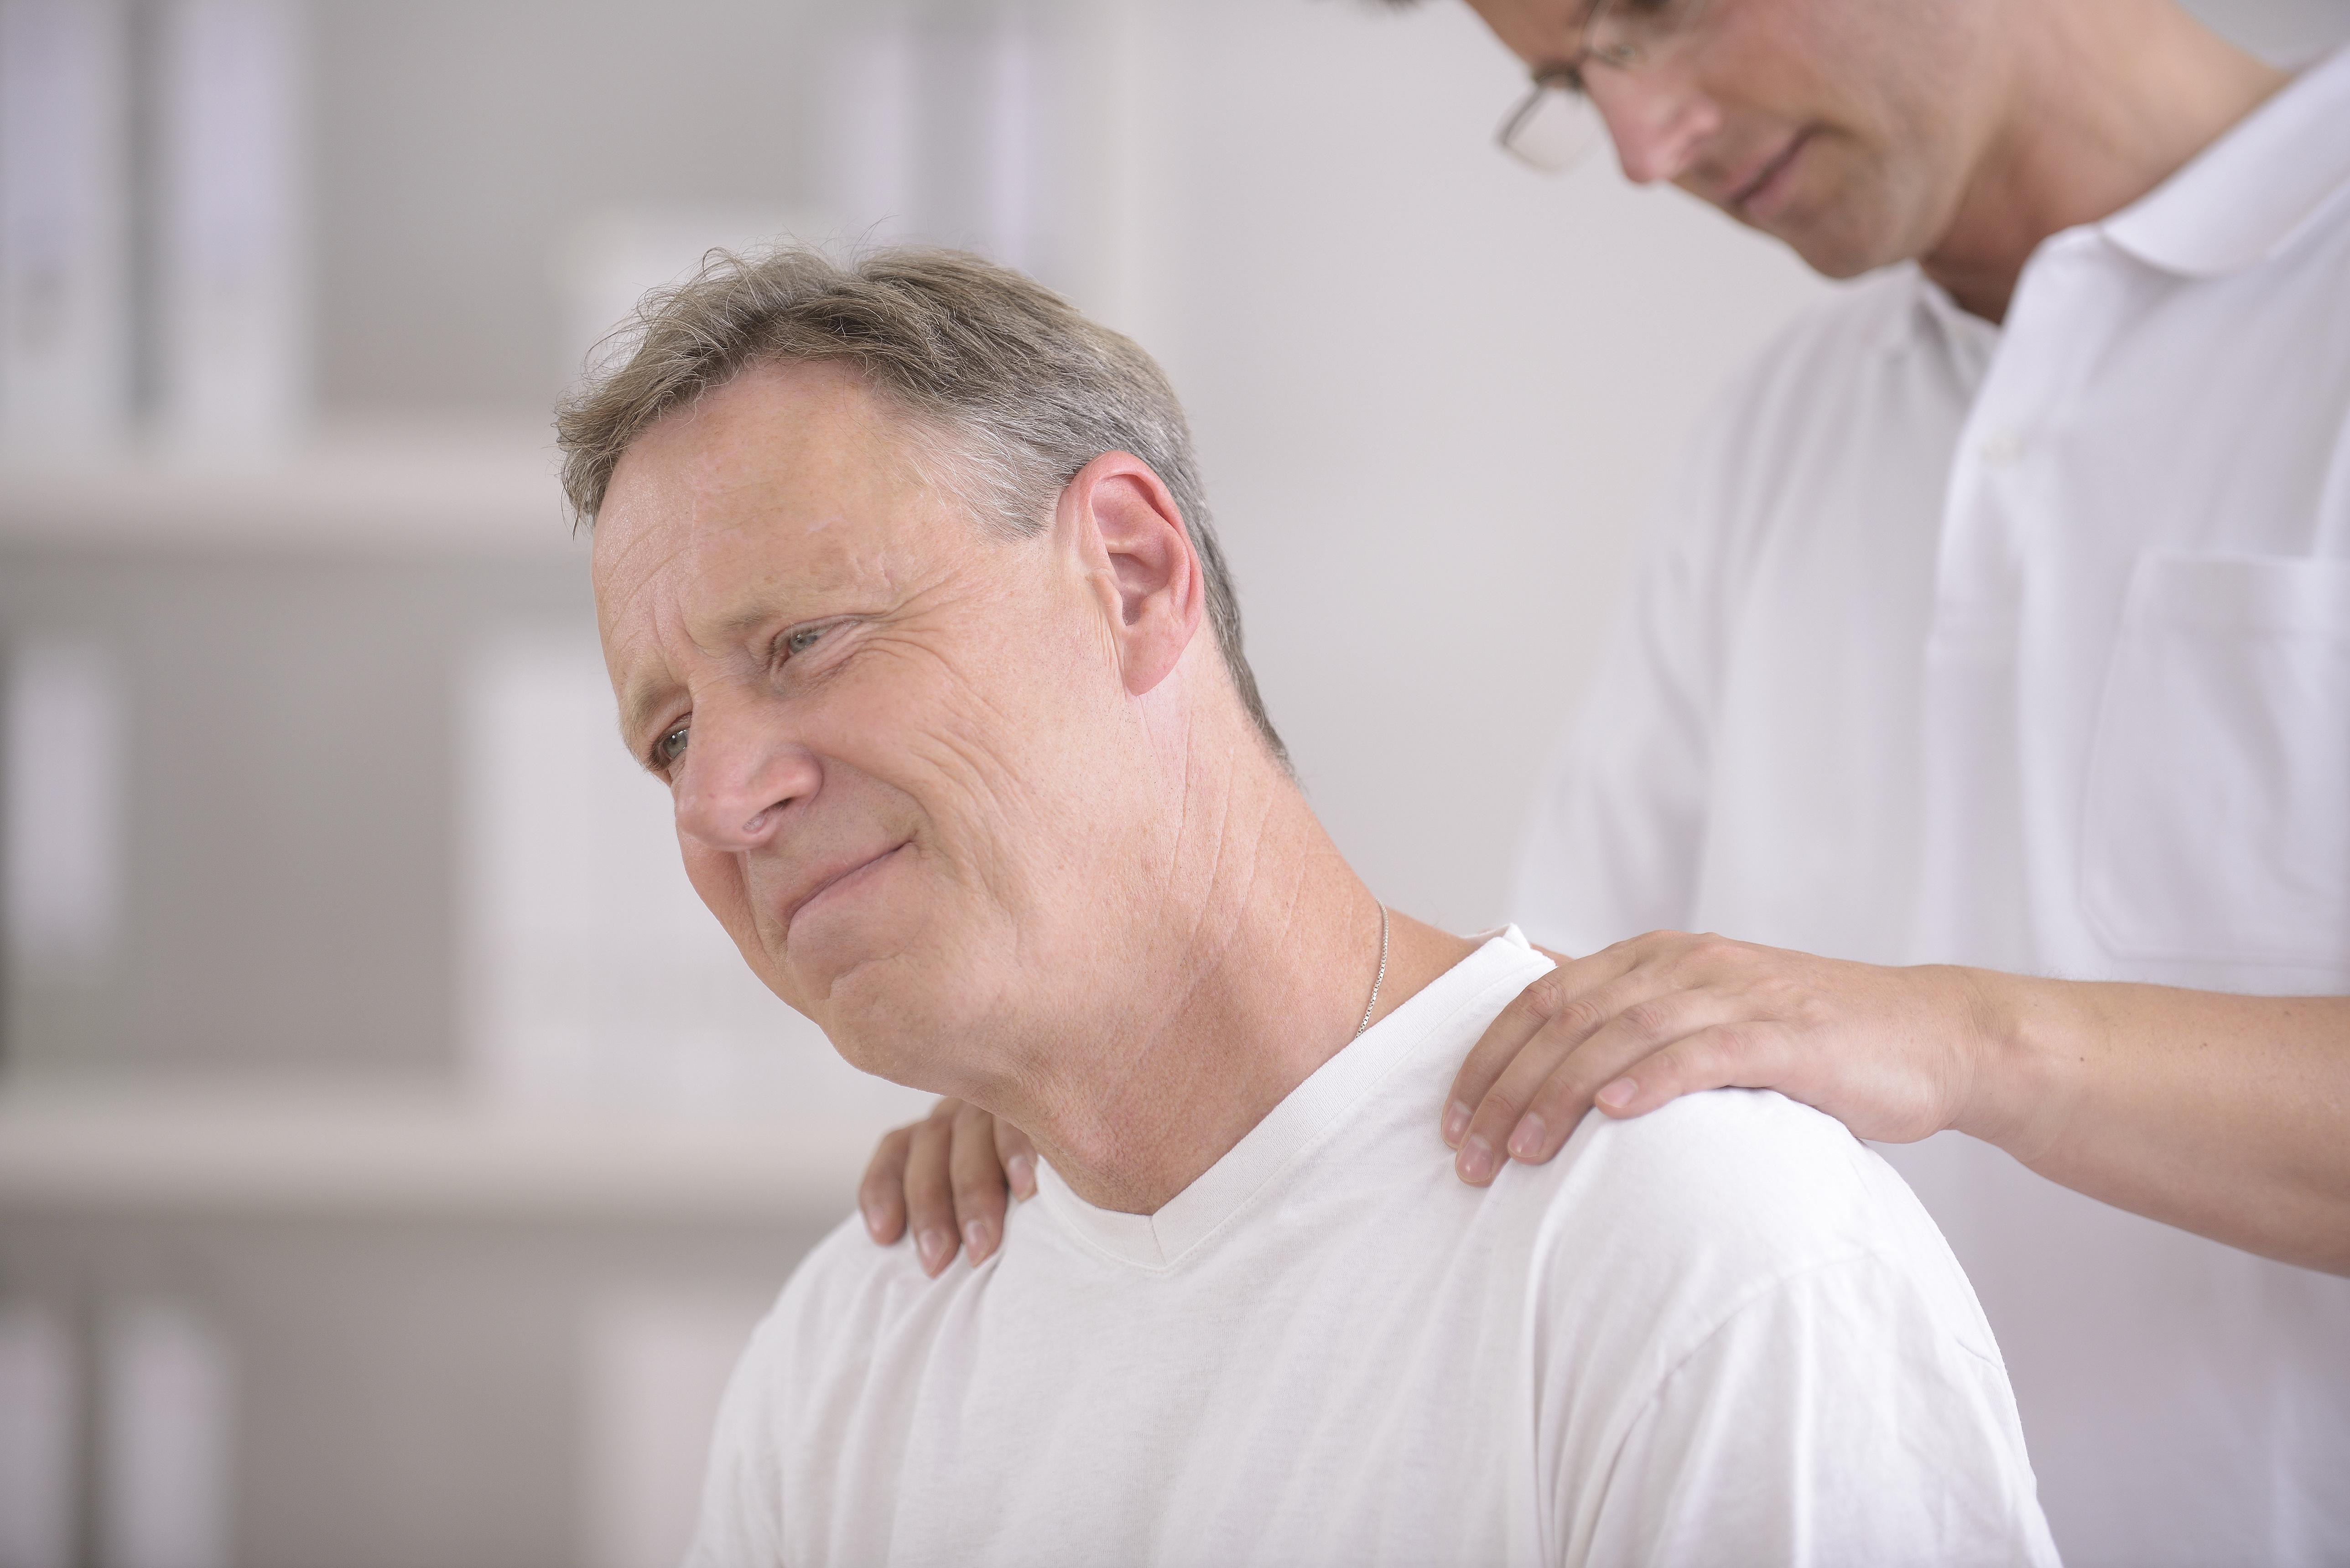 Fisioterapista massaggia paziente